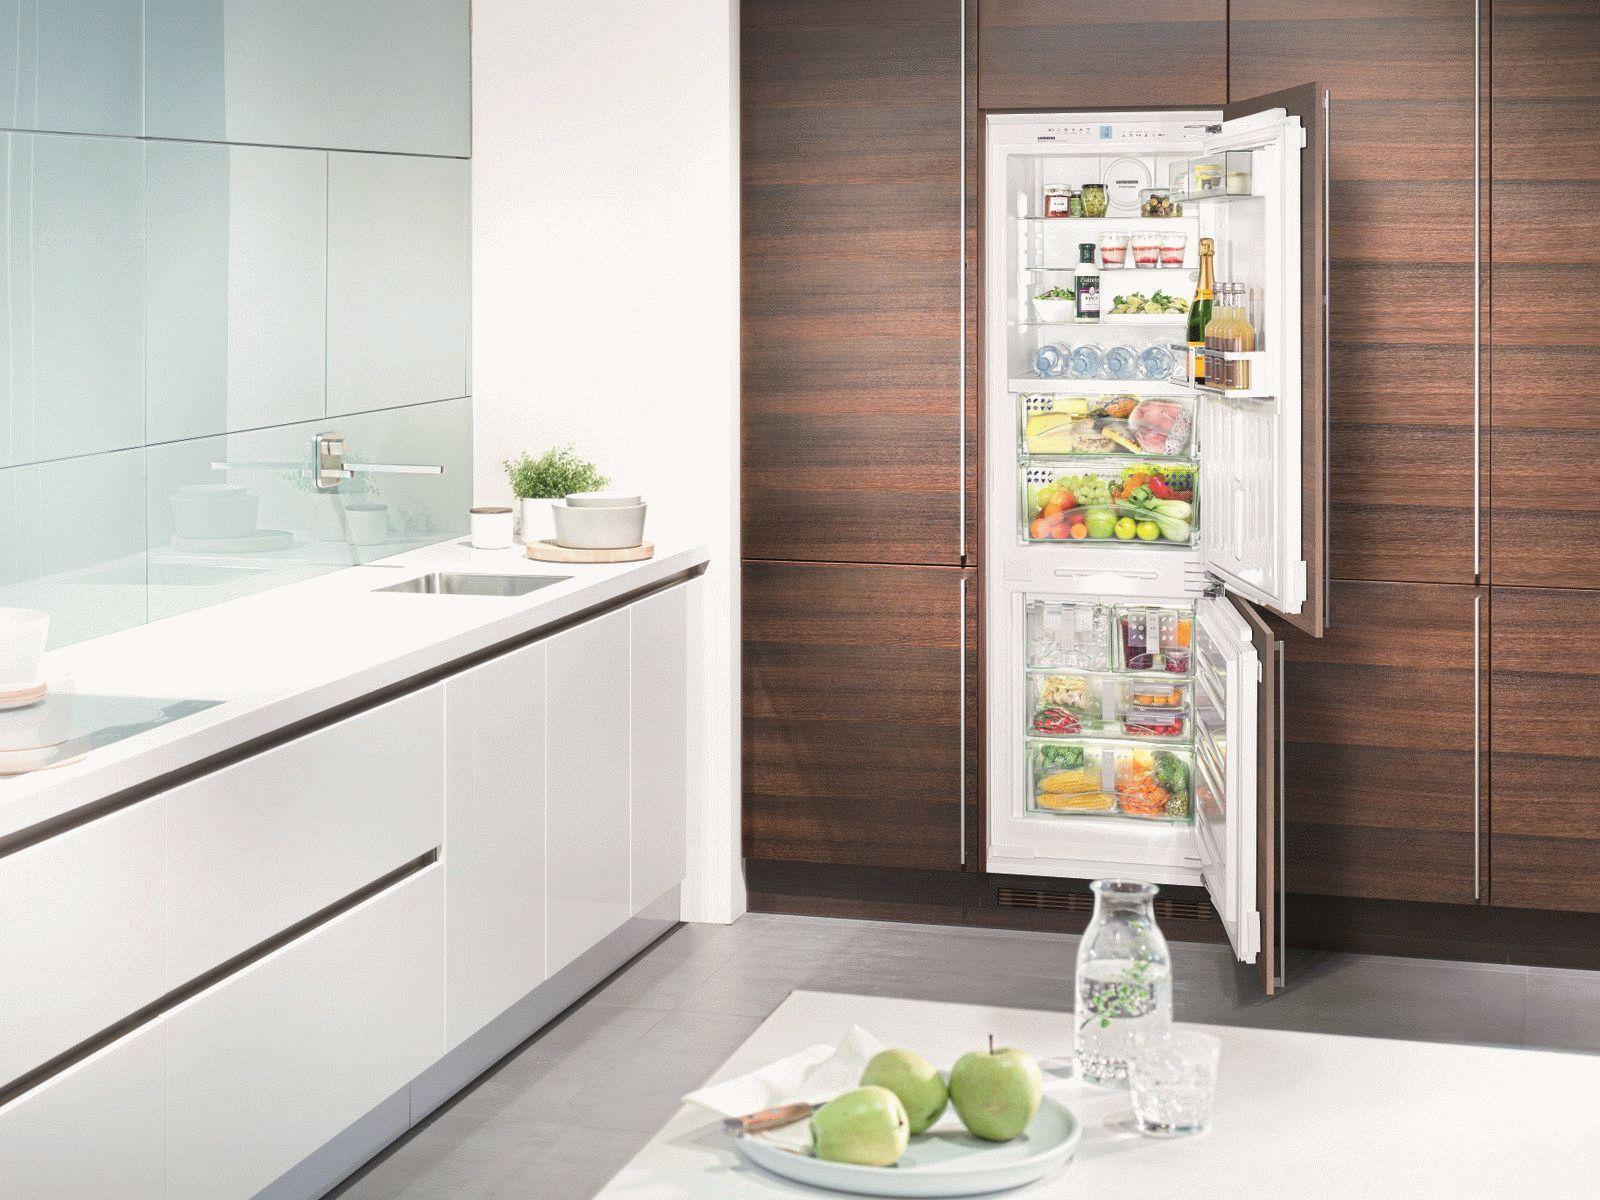 какой холодильник лучше купить отзывы